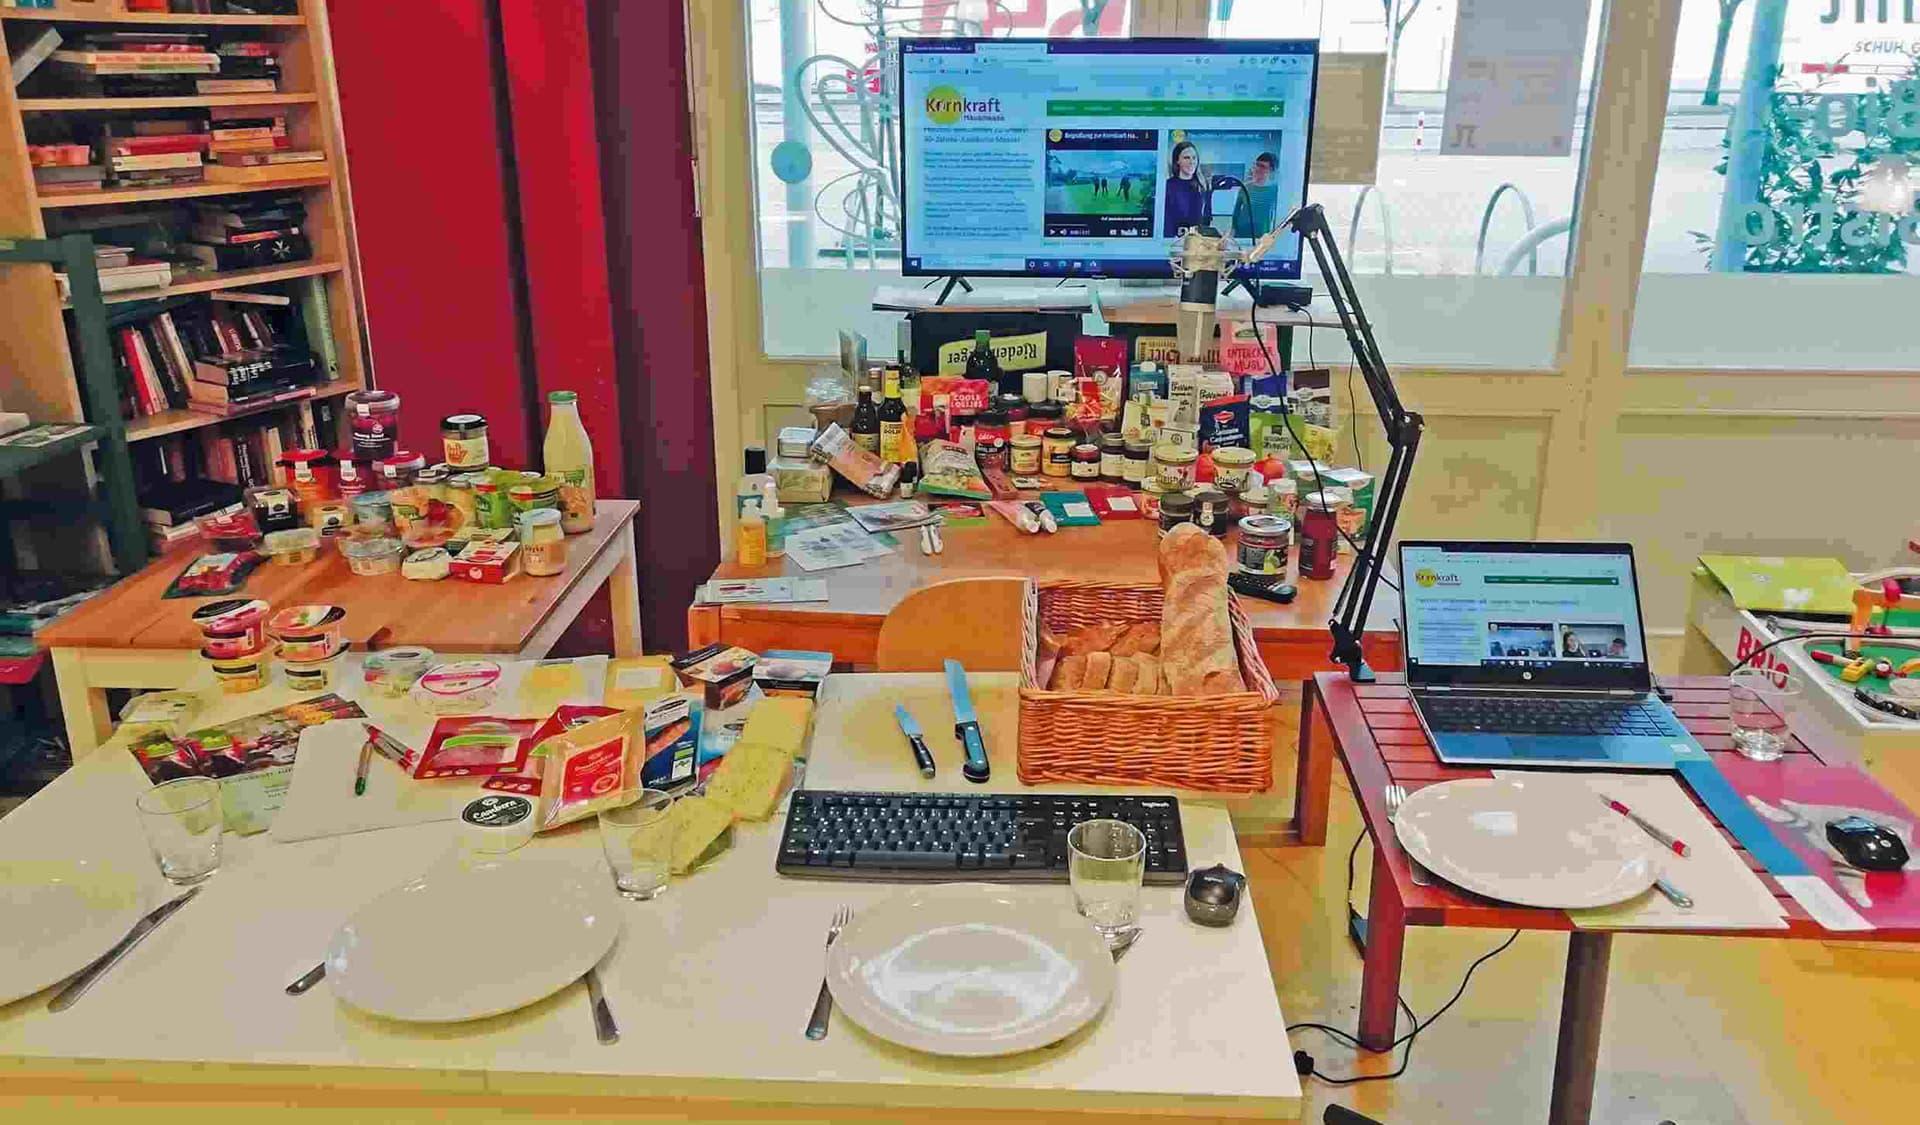 Frühstückstisch und Laptop